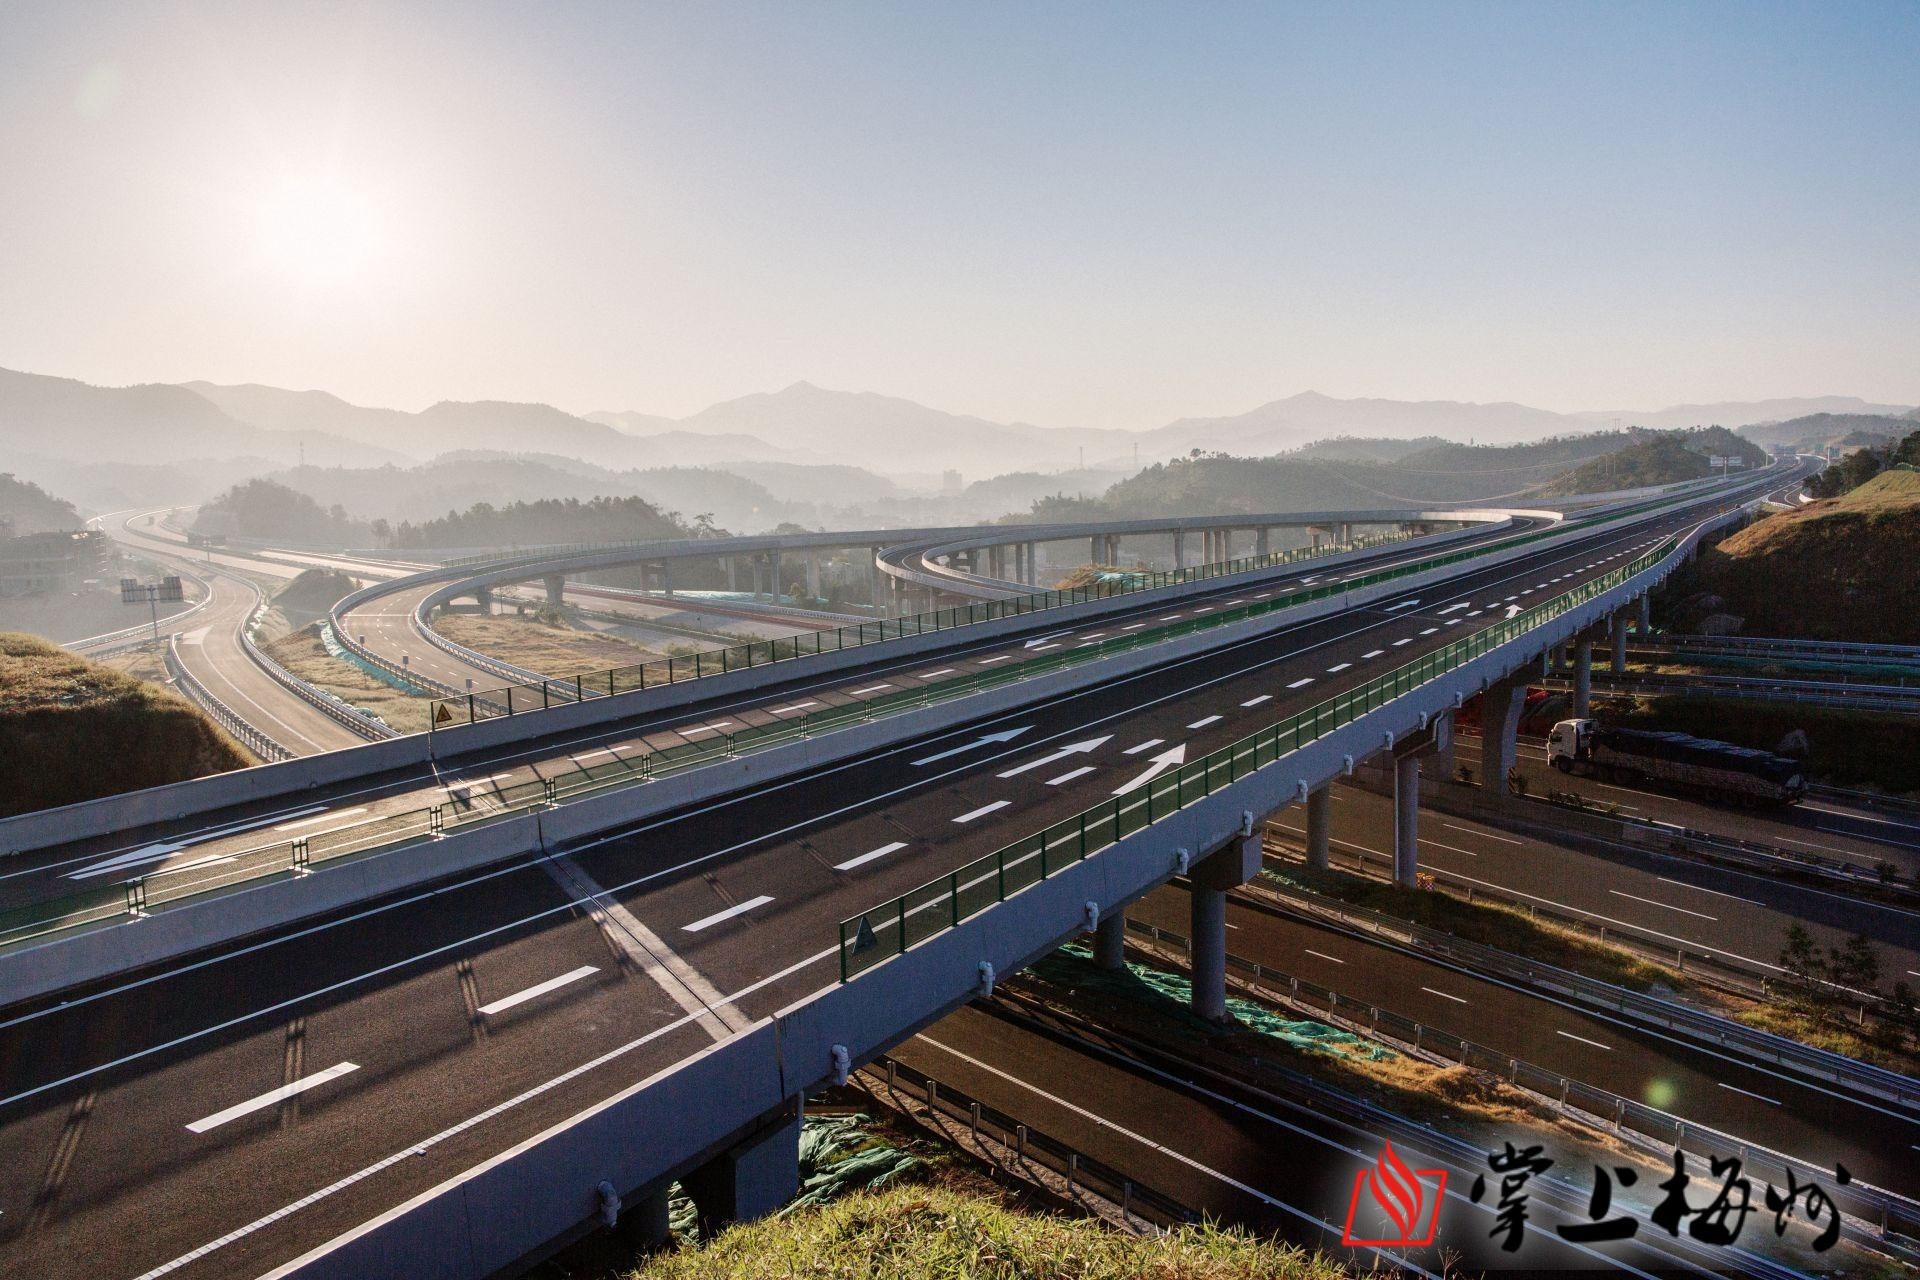 定了!五华至陆河高速将于11月28日通车